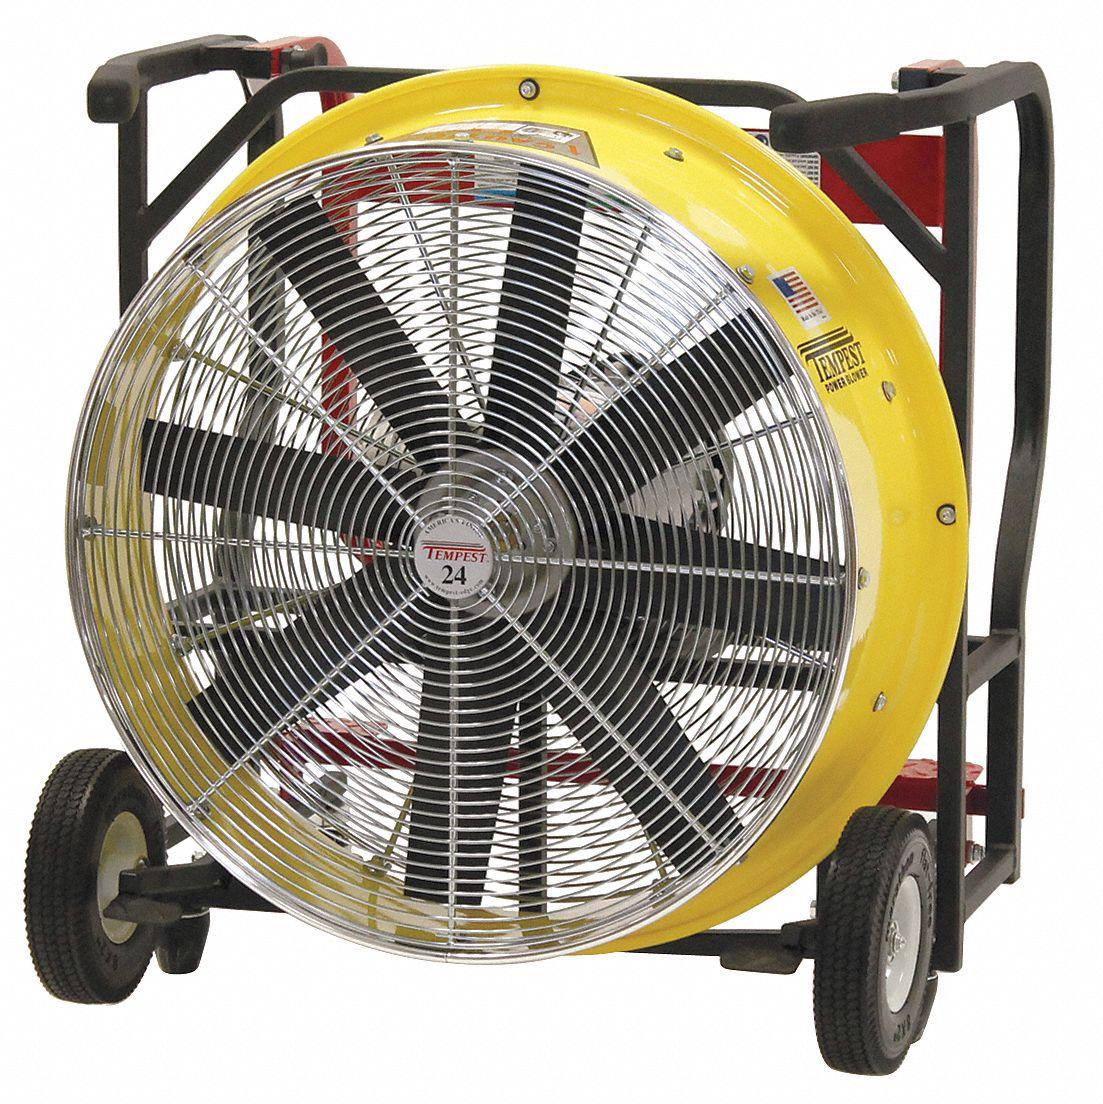 Industrial Air Circulator Patton : Tempest quot industrial mobile air circulator lu